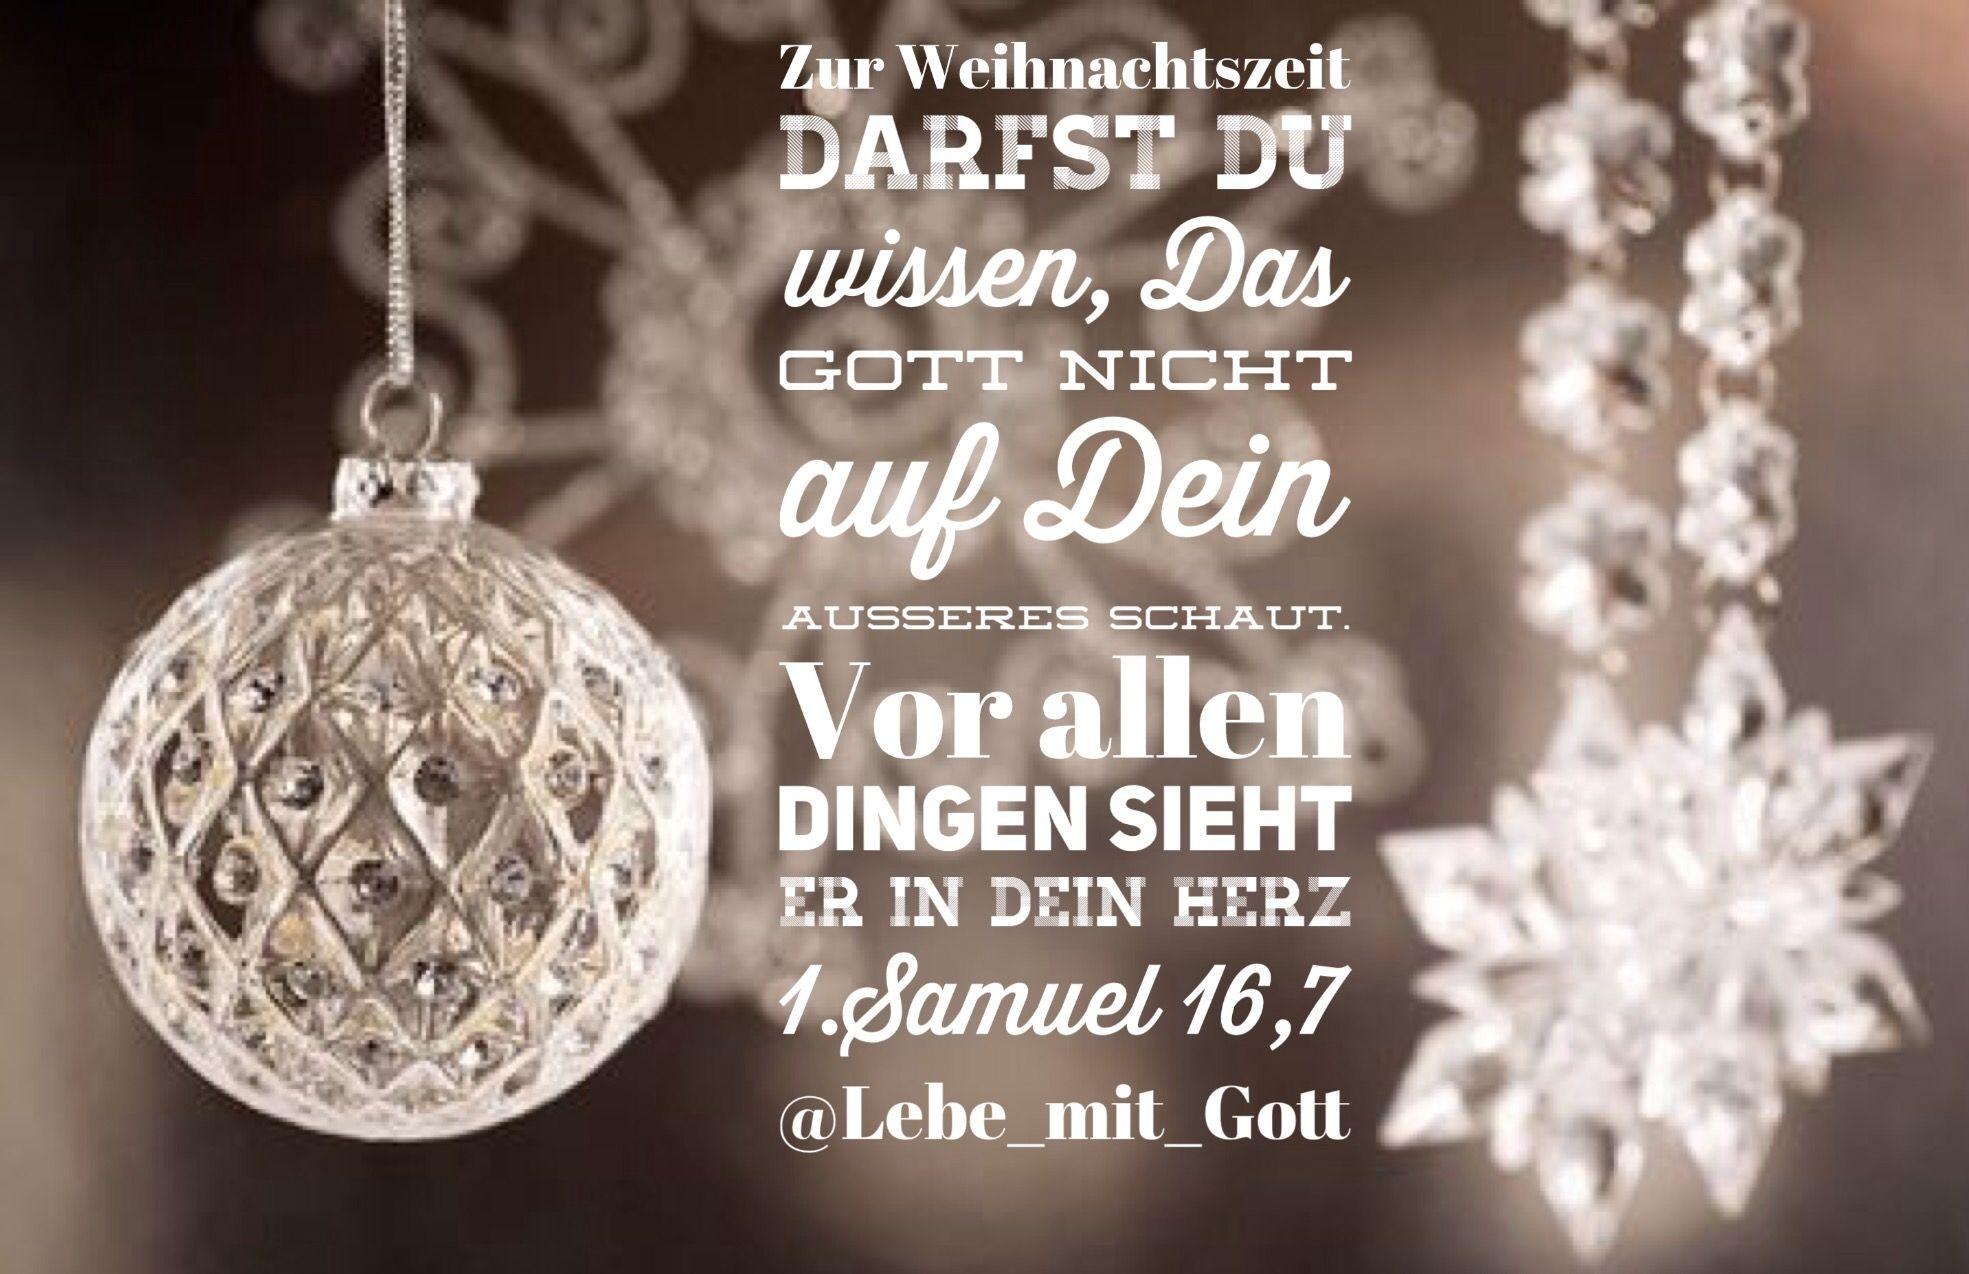 zur weihnachtszeit schoene sachen christliche weihnachtsspr che zitate weihnachten und